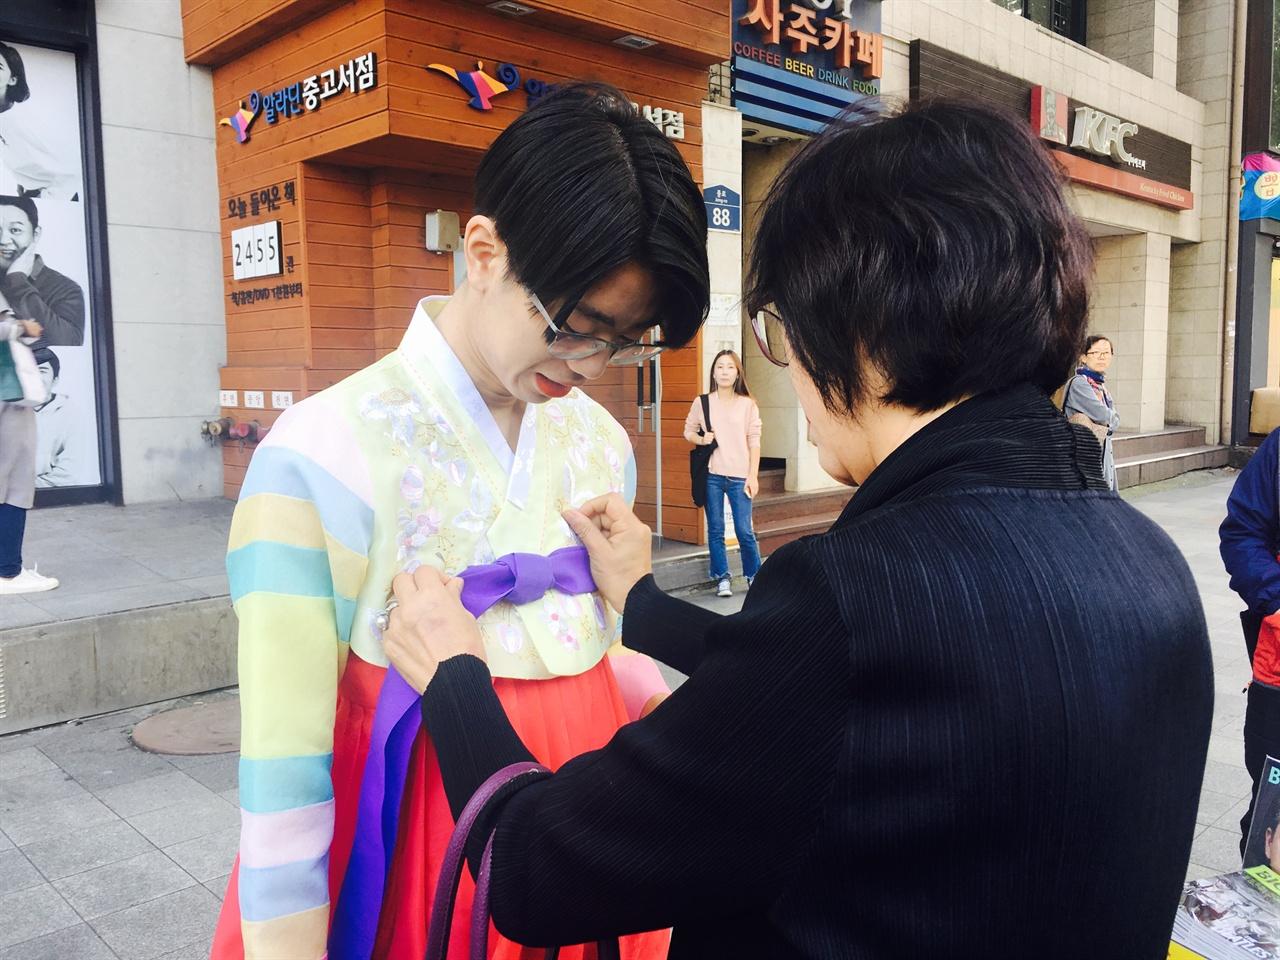 지나가던 시민이 참가자의 옷고름을 고쳐매주고 있다